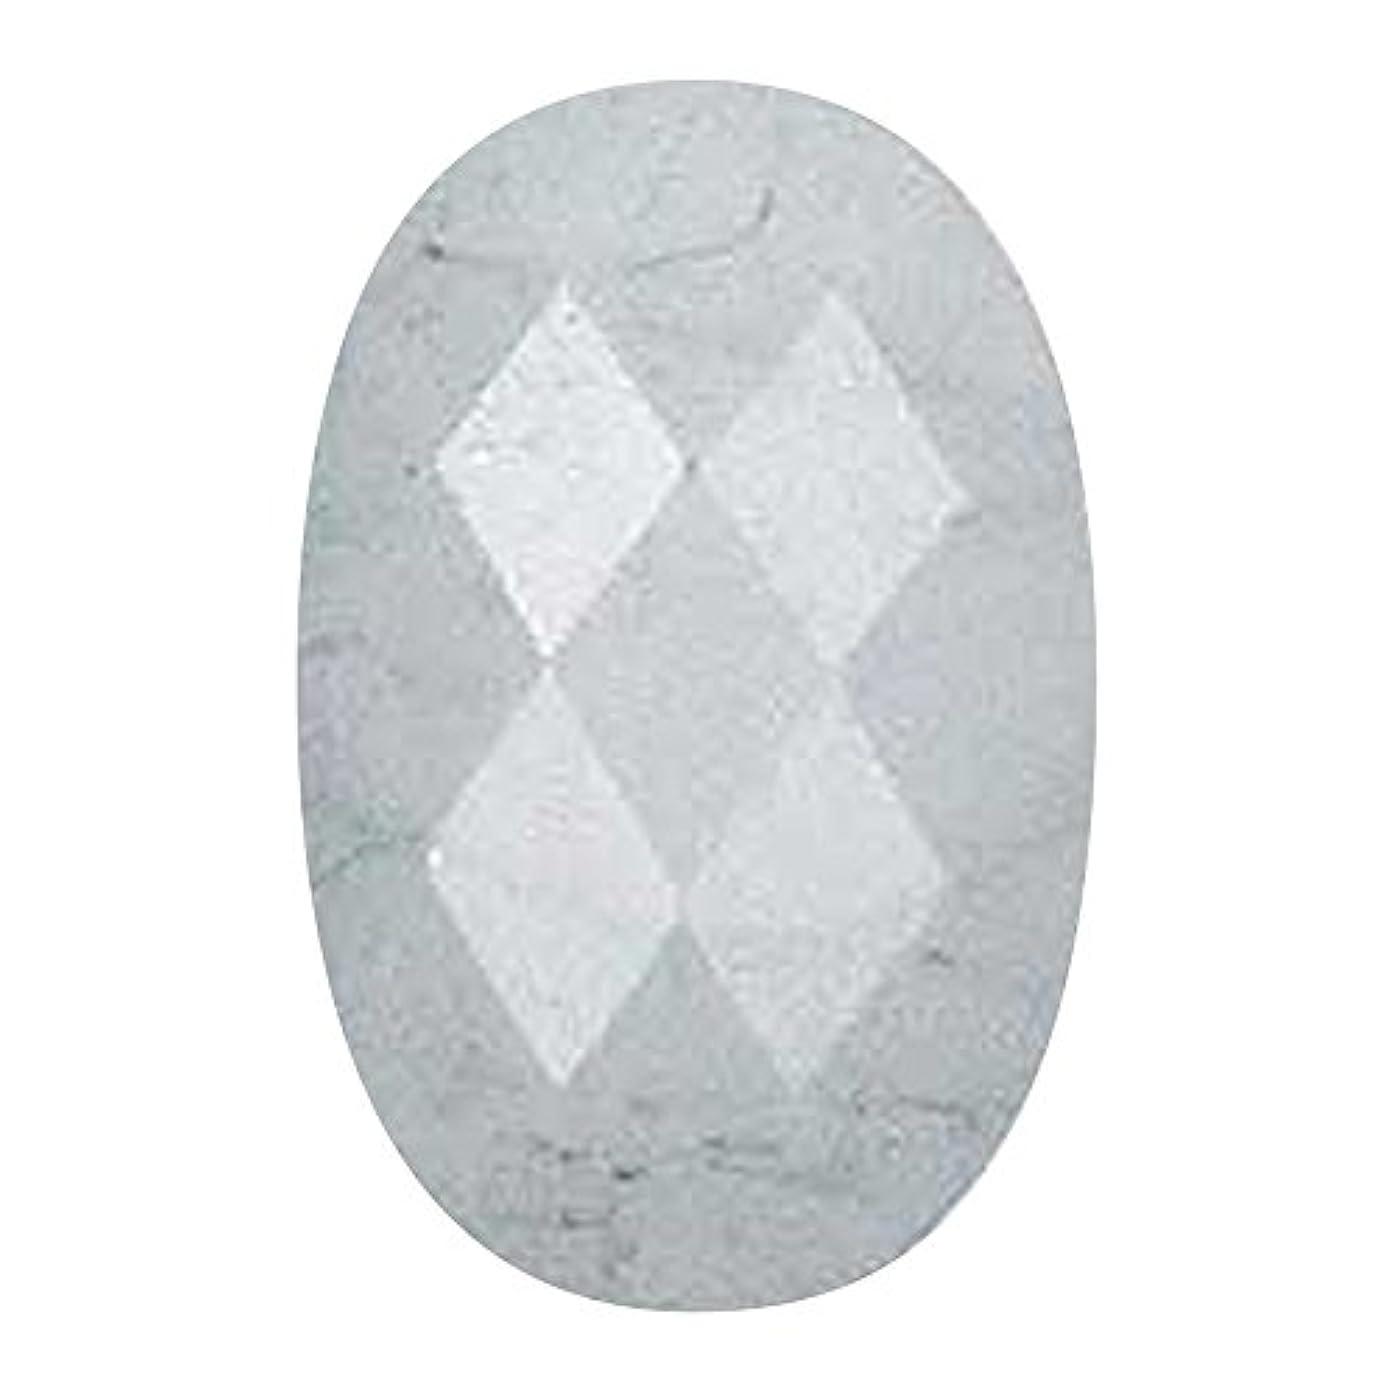 有益な選出する不毛のMpetit B678 ビジュー クラウド 20P マーキス?カットの大理石風ストーン アート材